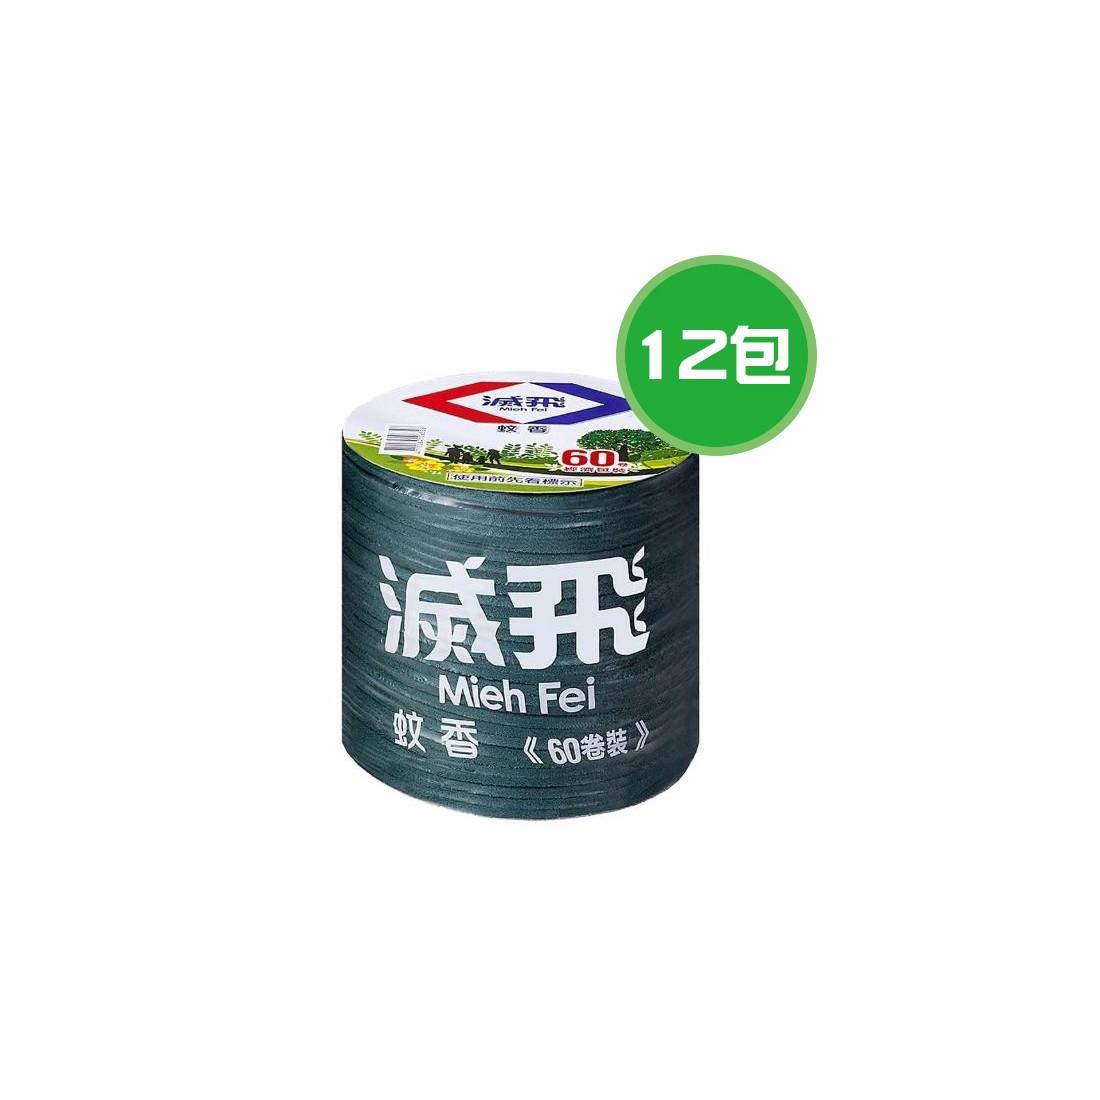 噴效水性噴霧殺蟲劑 (600ml/瓶)